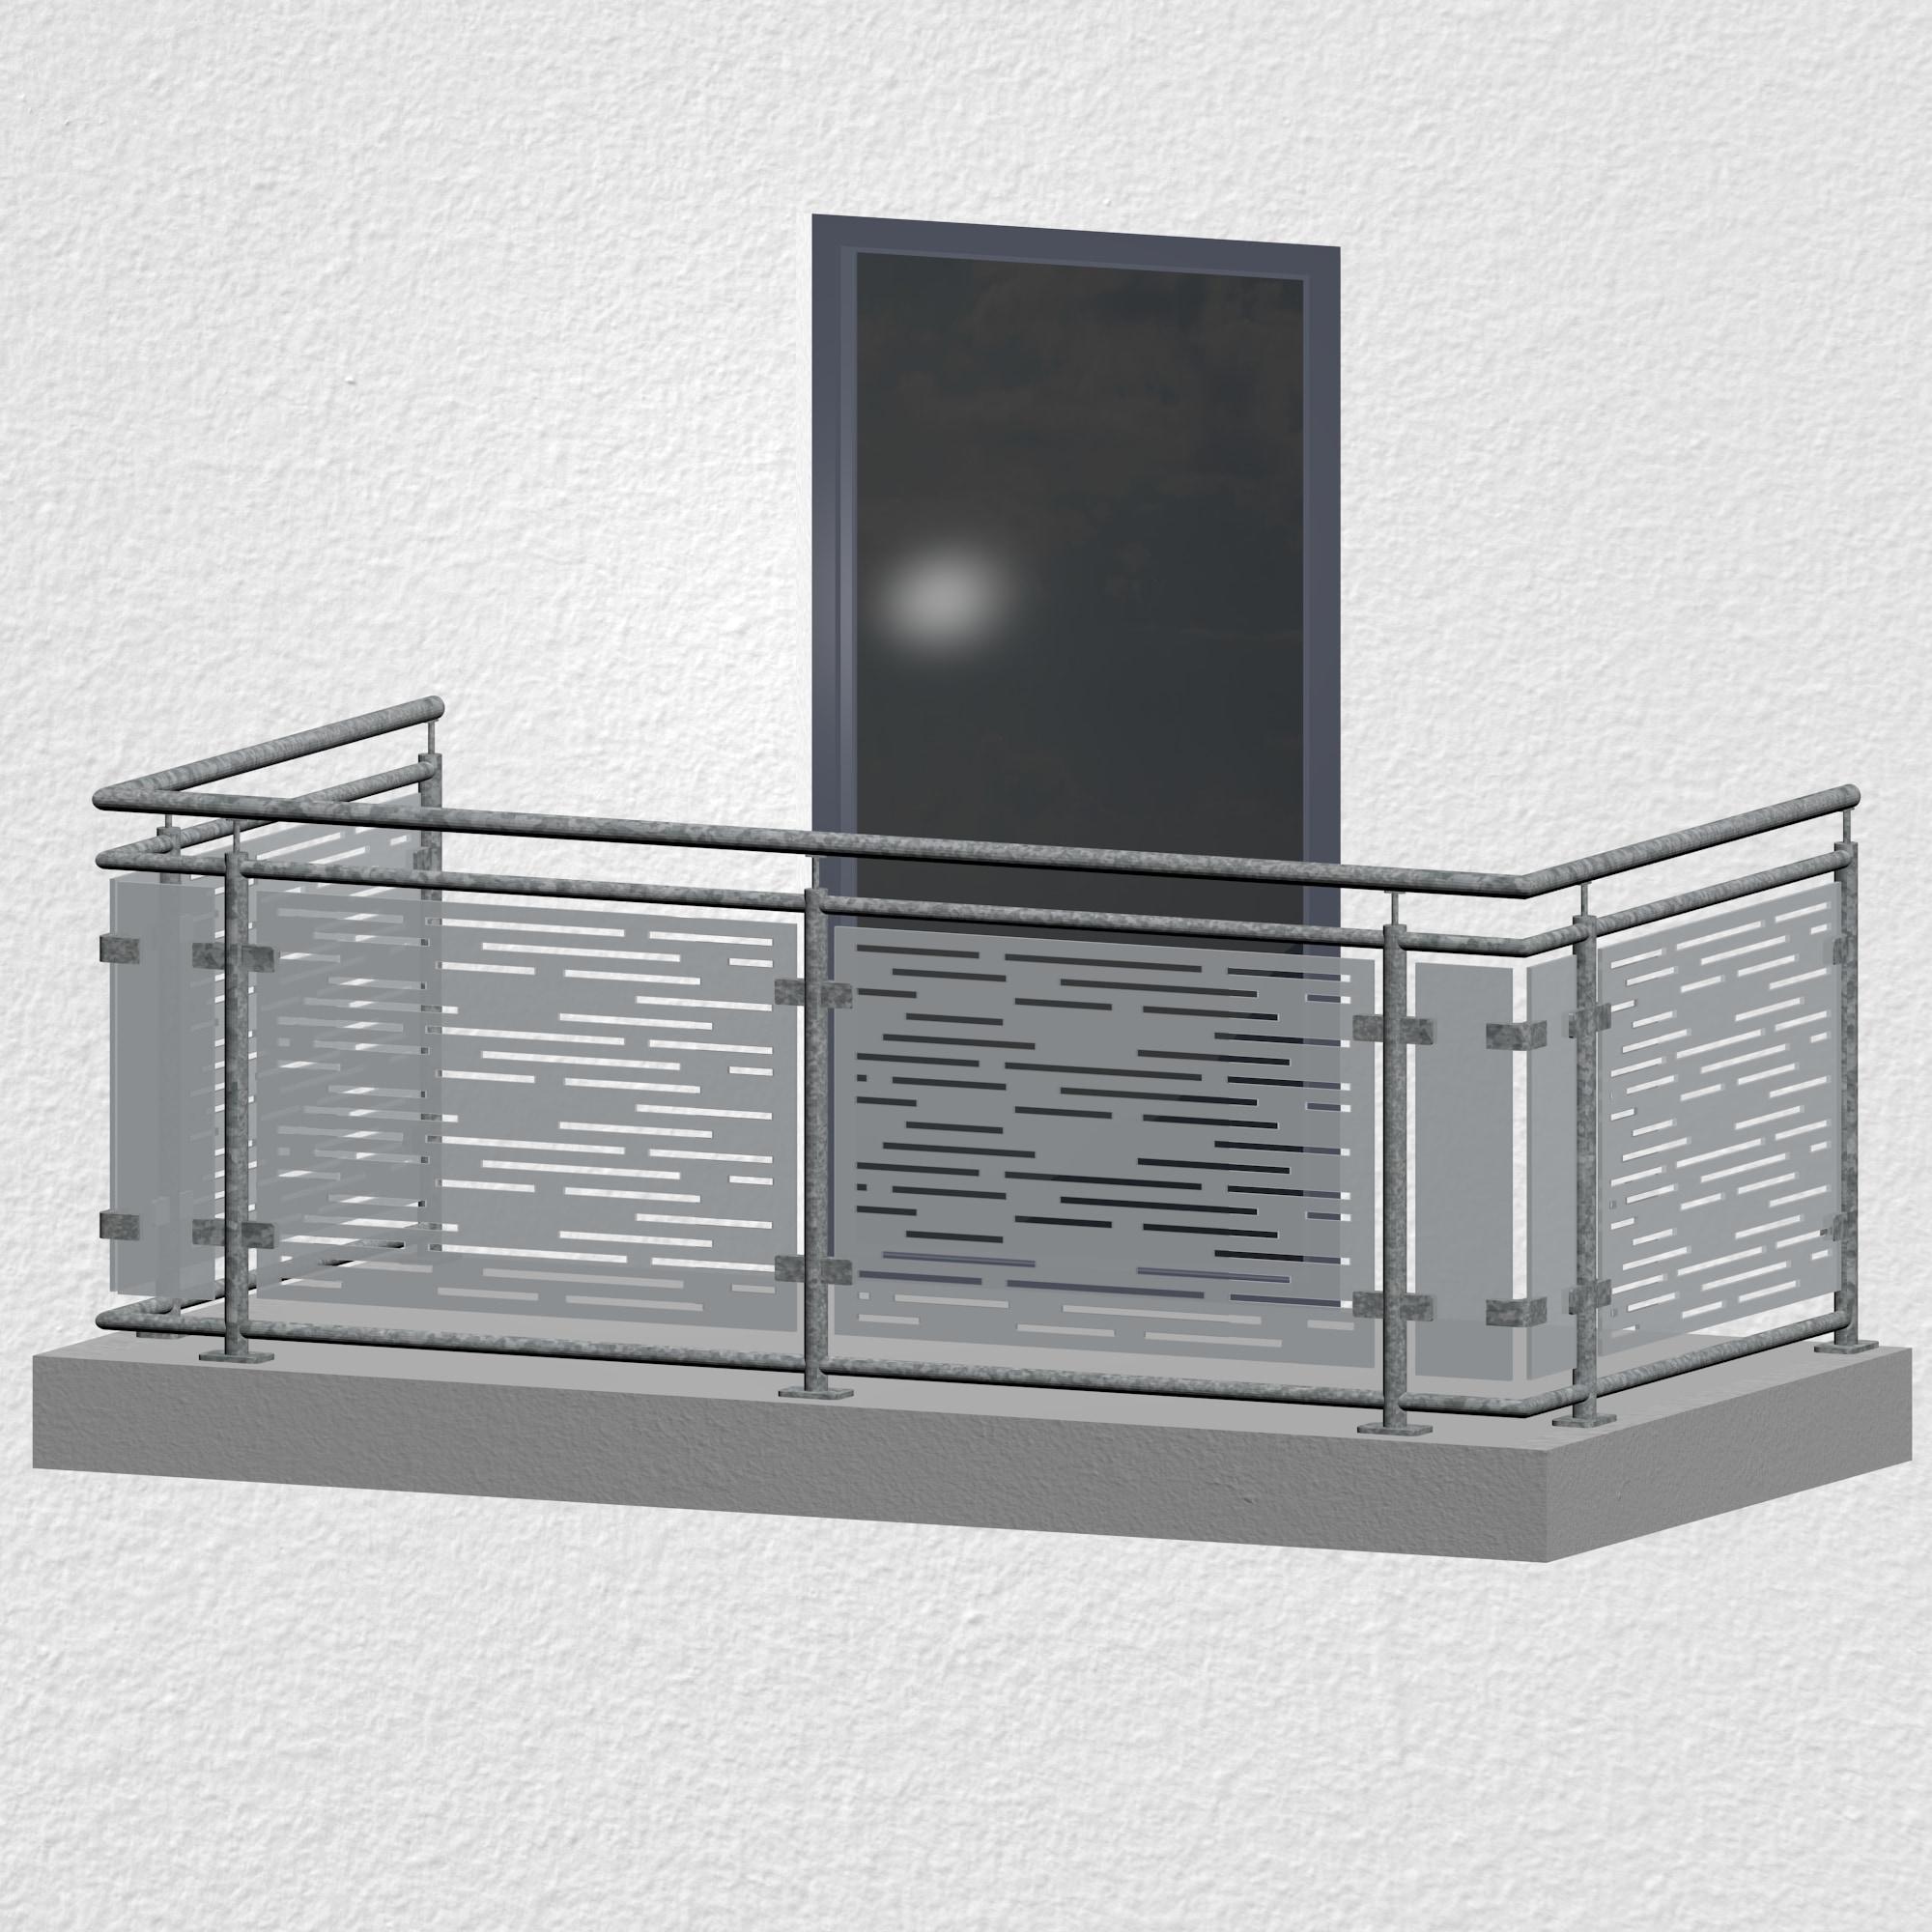 Balkongeländer verzinkt Designglas SF HO